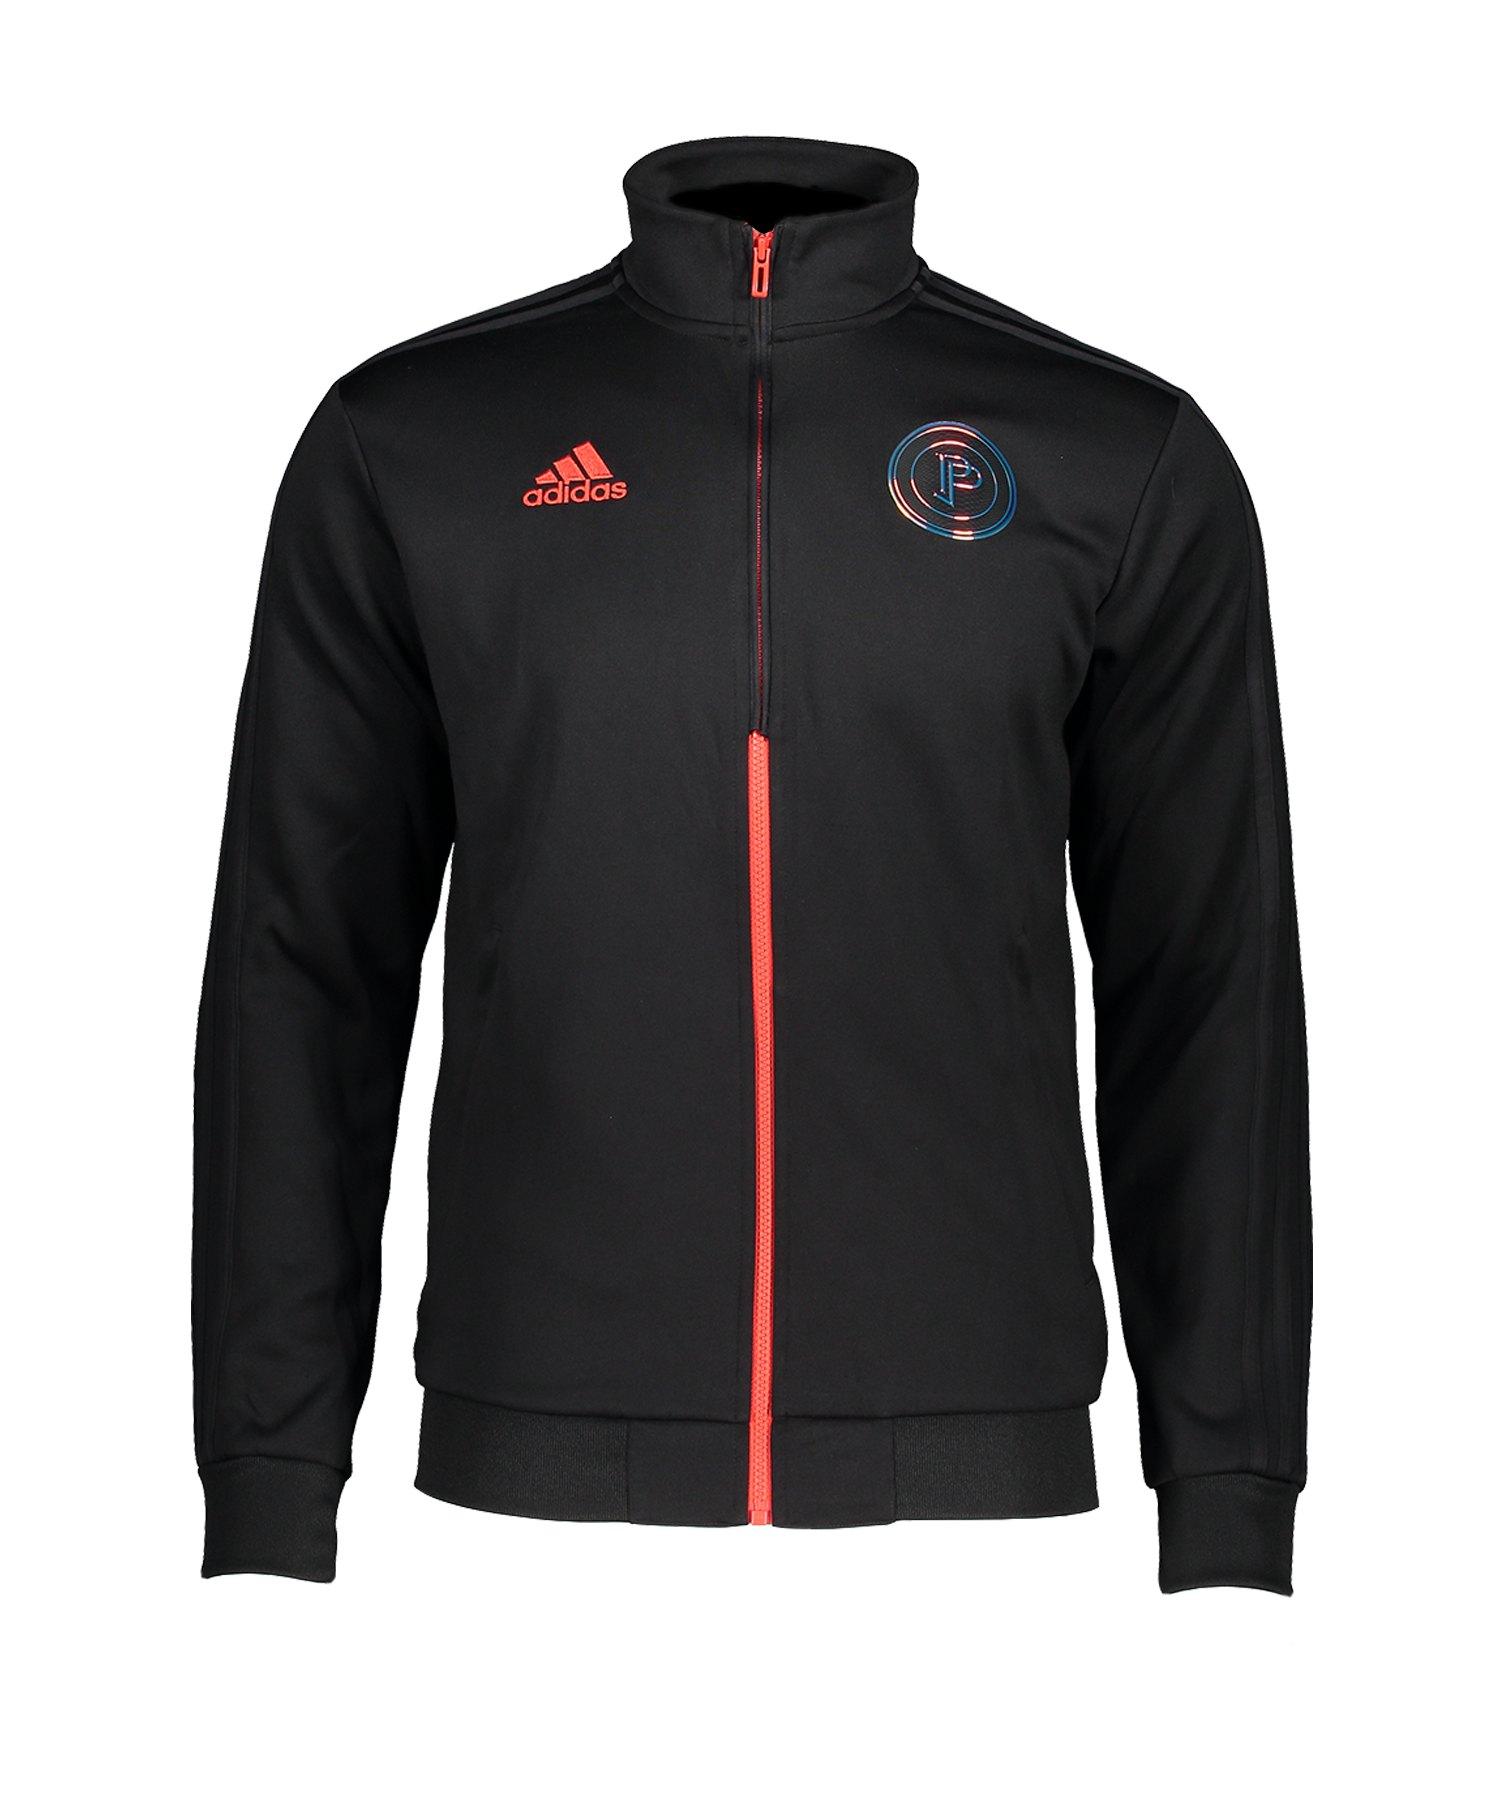 adidas Paul Pogba Trainingsjacke Schwarz - schwarz